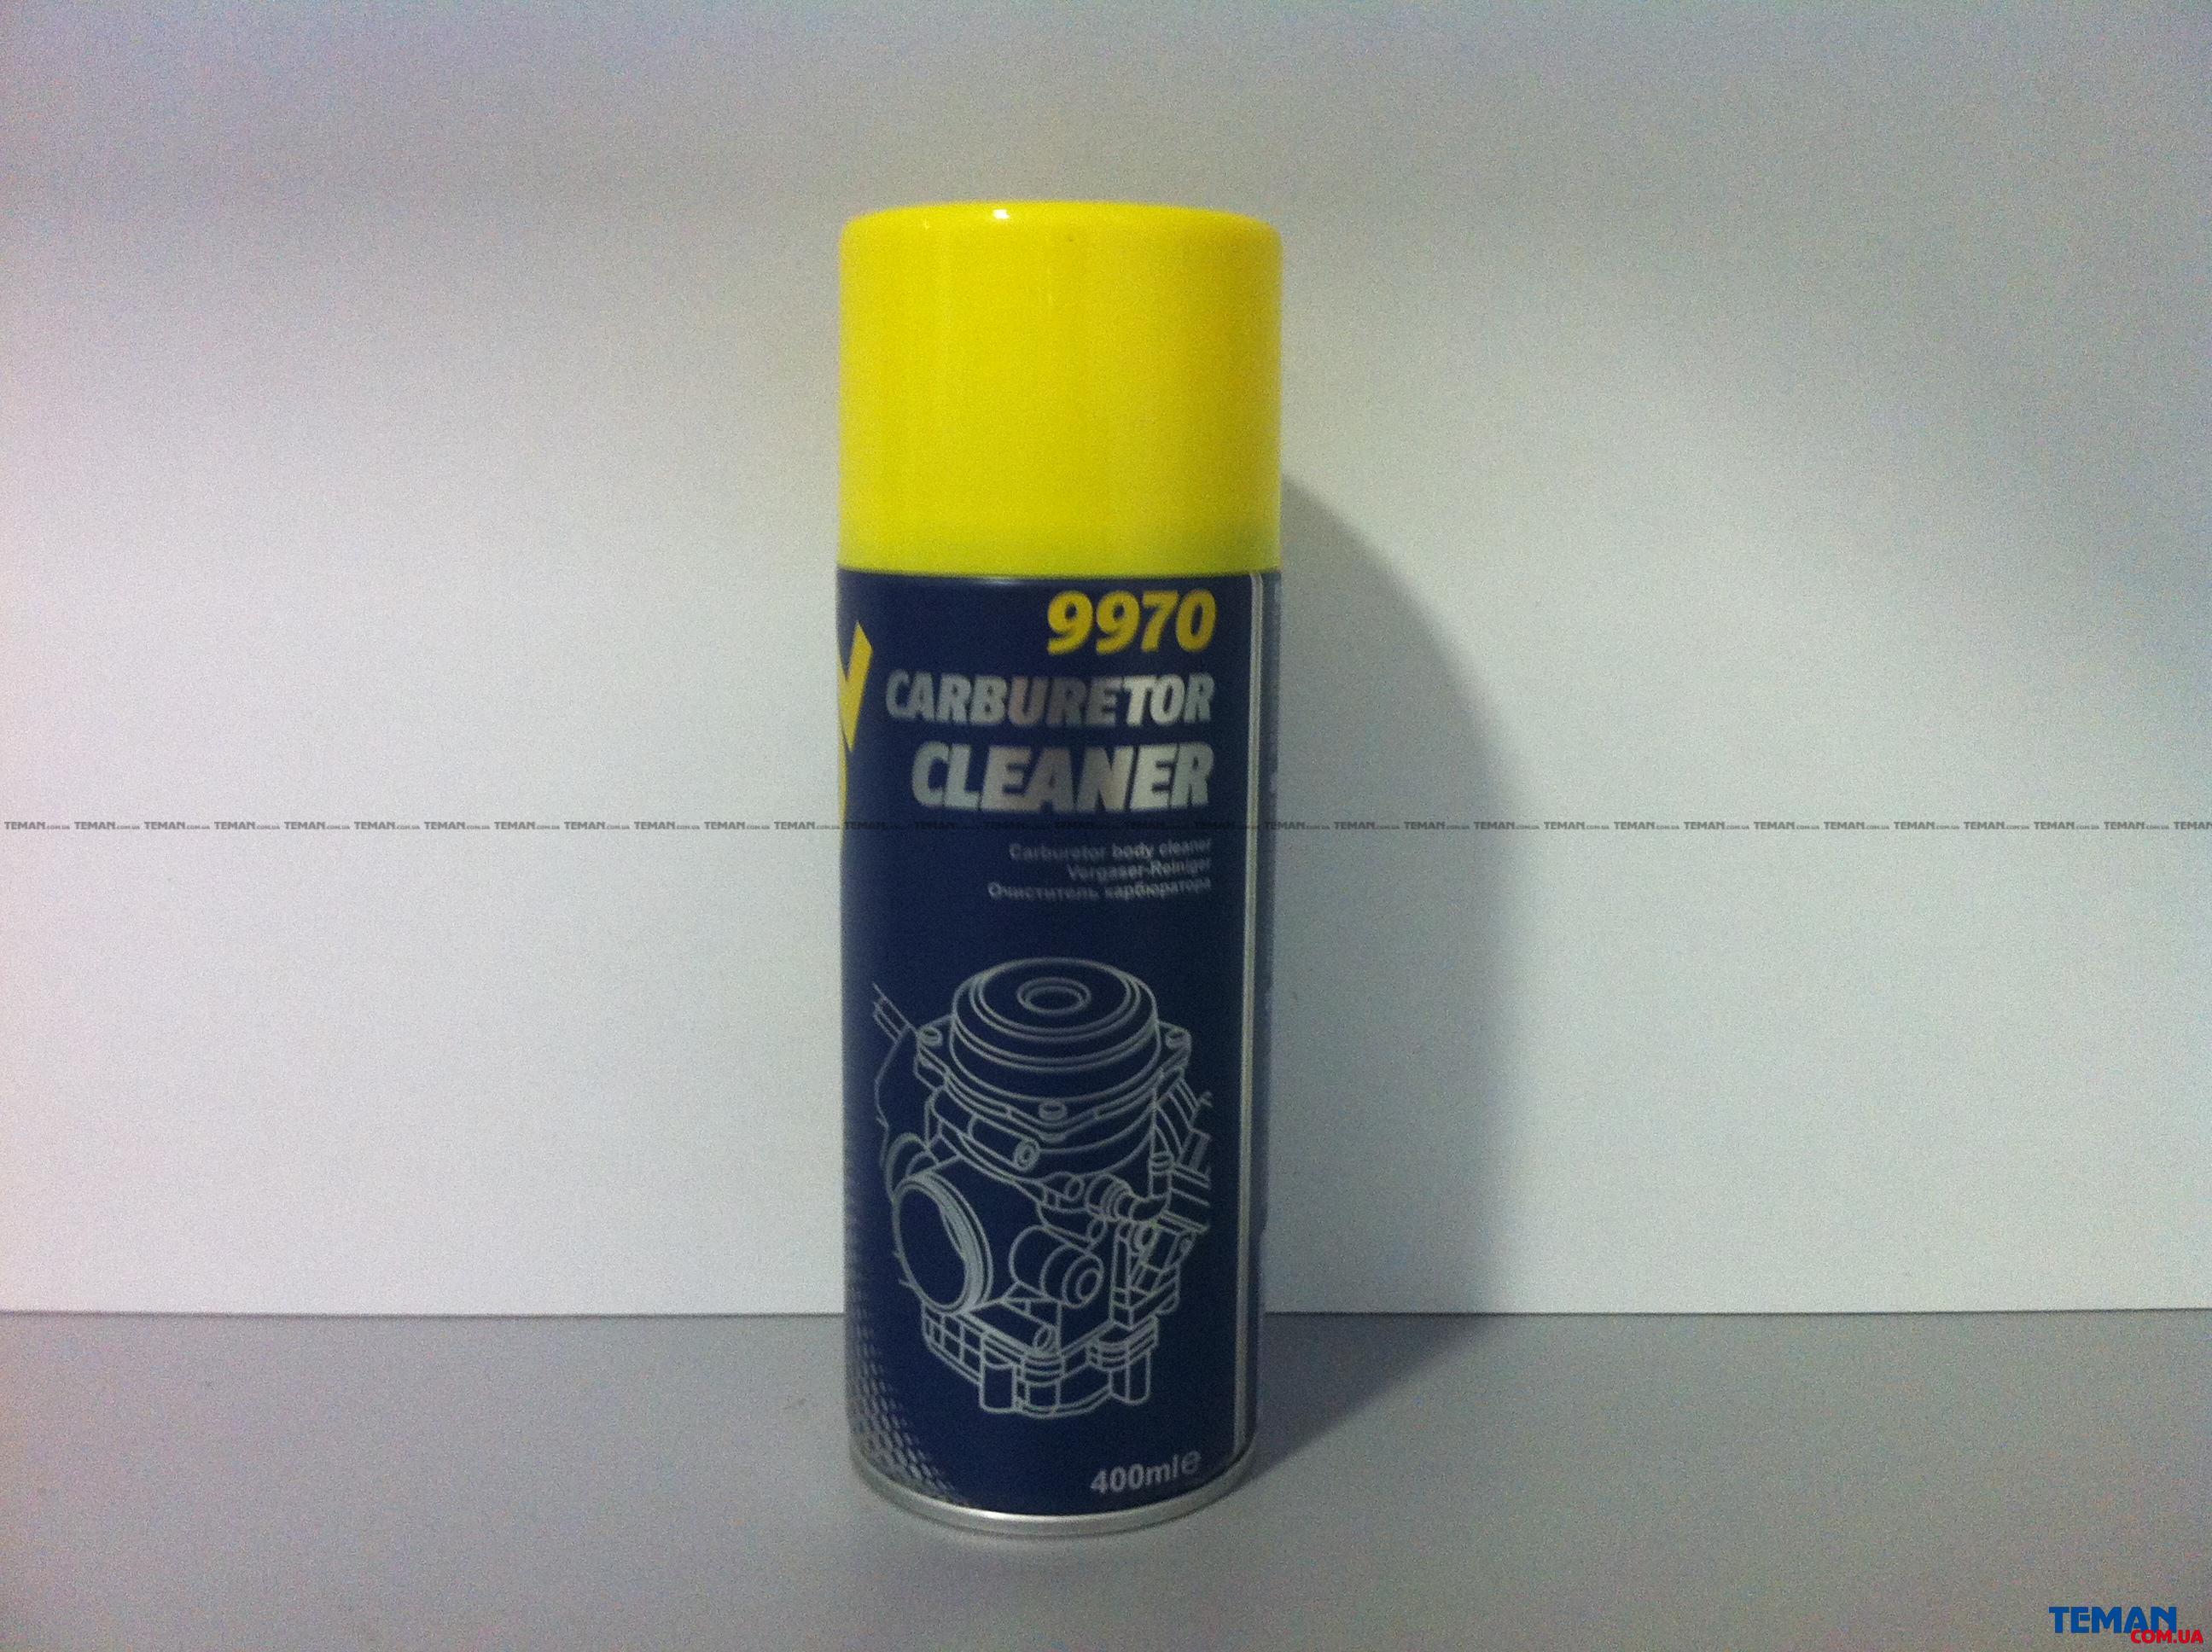 Очиститель карбюратора 400ml 9970 аерозоль